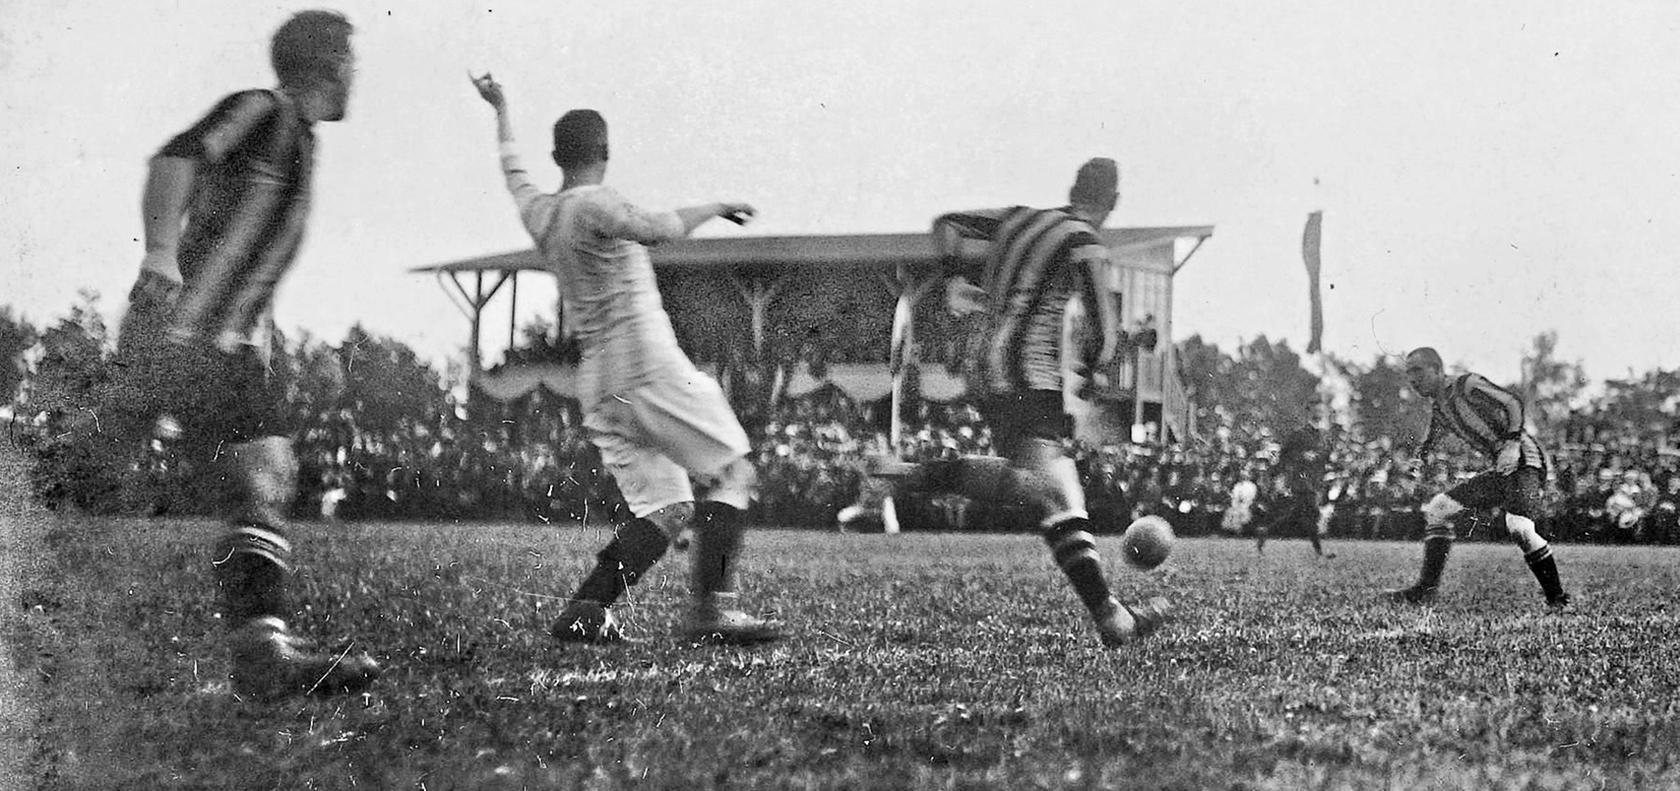 Originalaufnahme vom 31. Mai 1914: Der nicht ganz austrainierte SpVgg-Torhüter Hermann Polenski (rechts) beweist gutes Stellungsspiel gegen die anrennenden Leipziger.